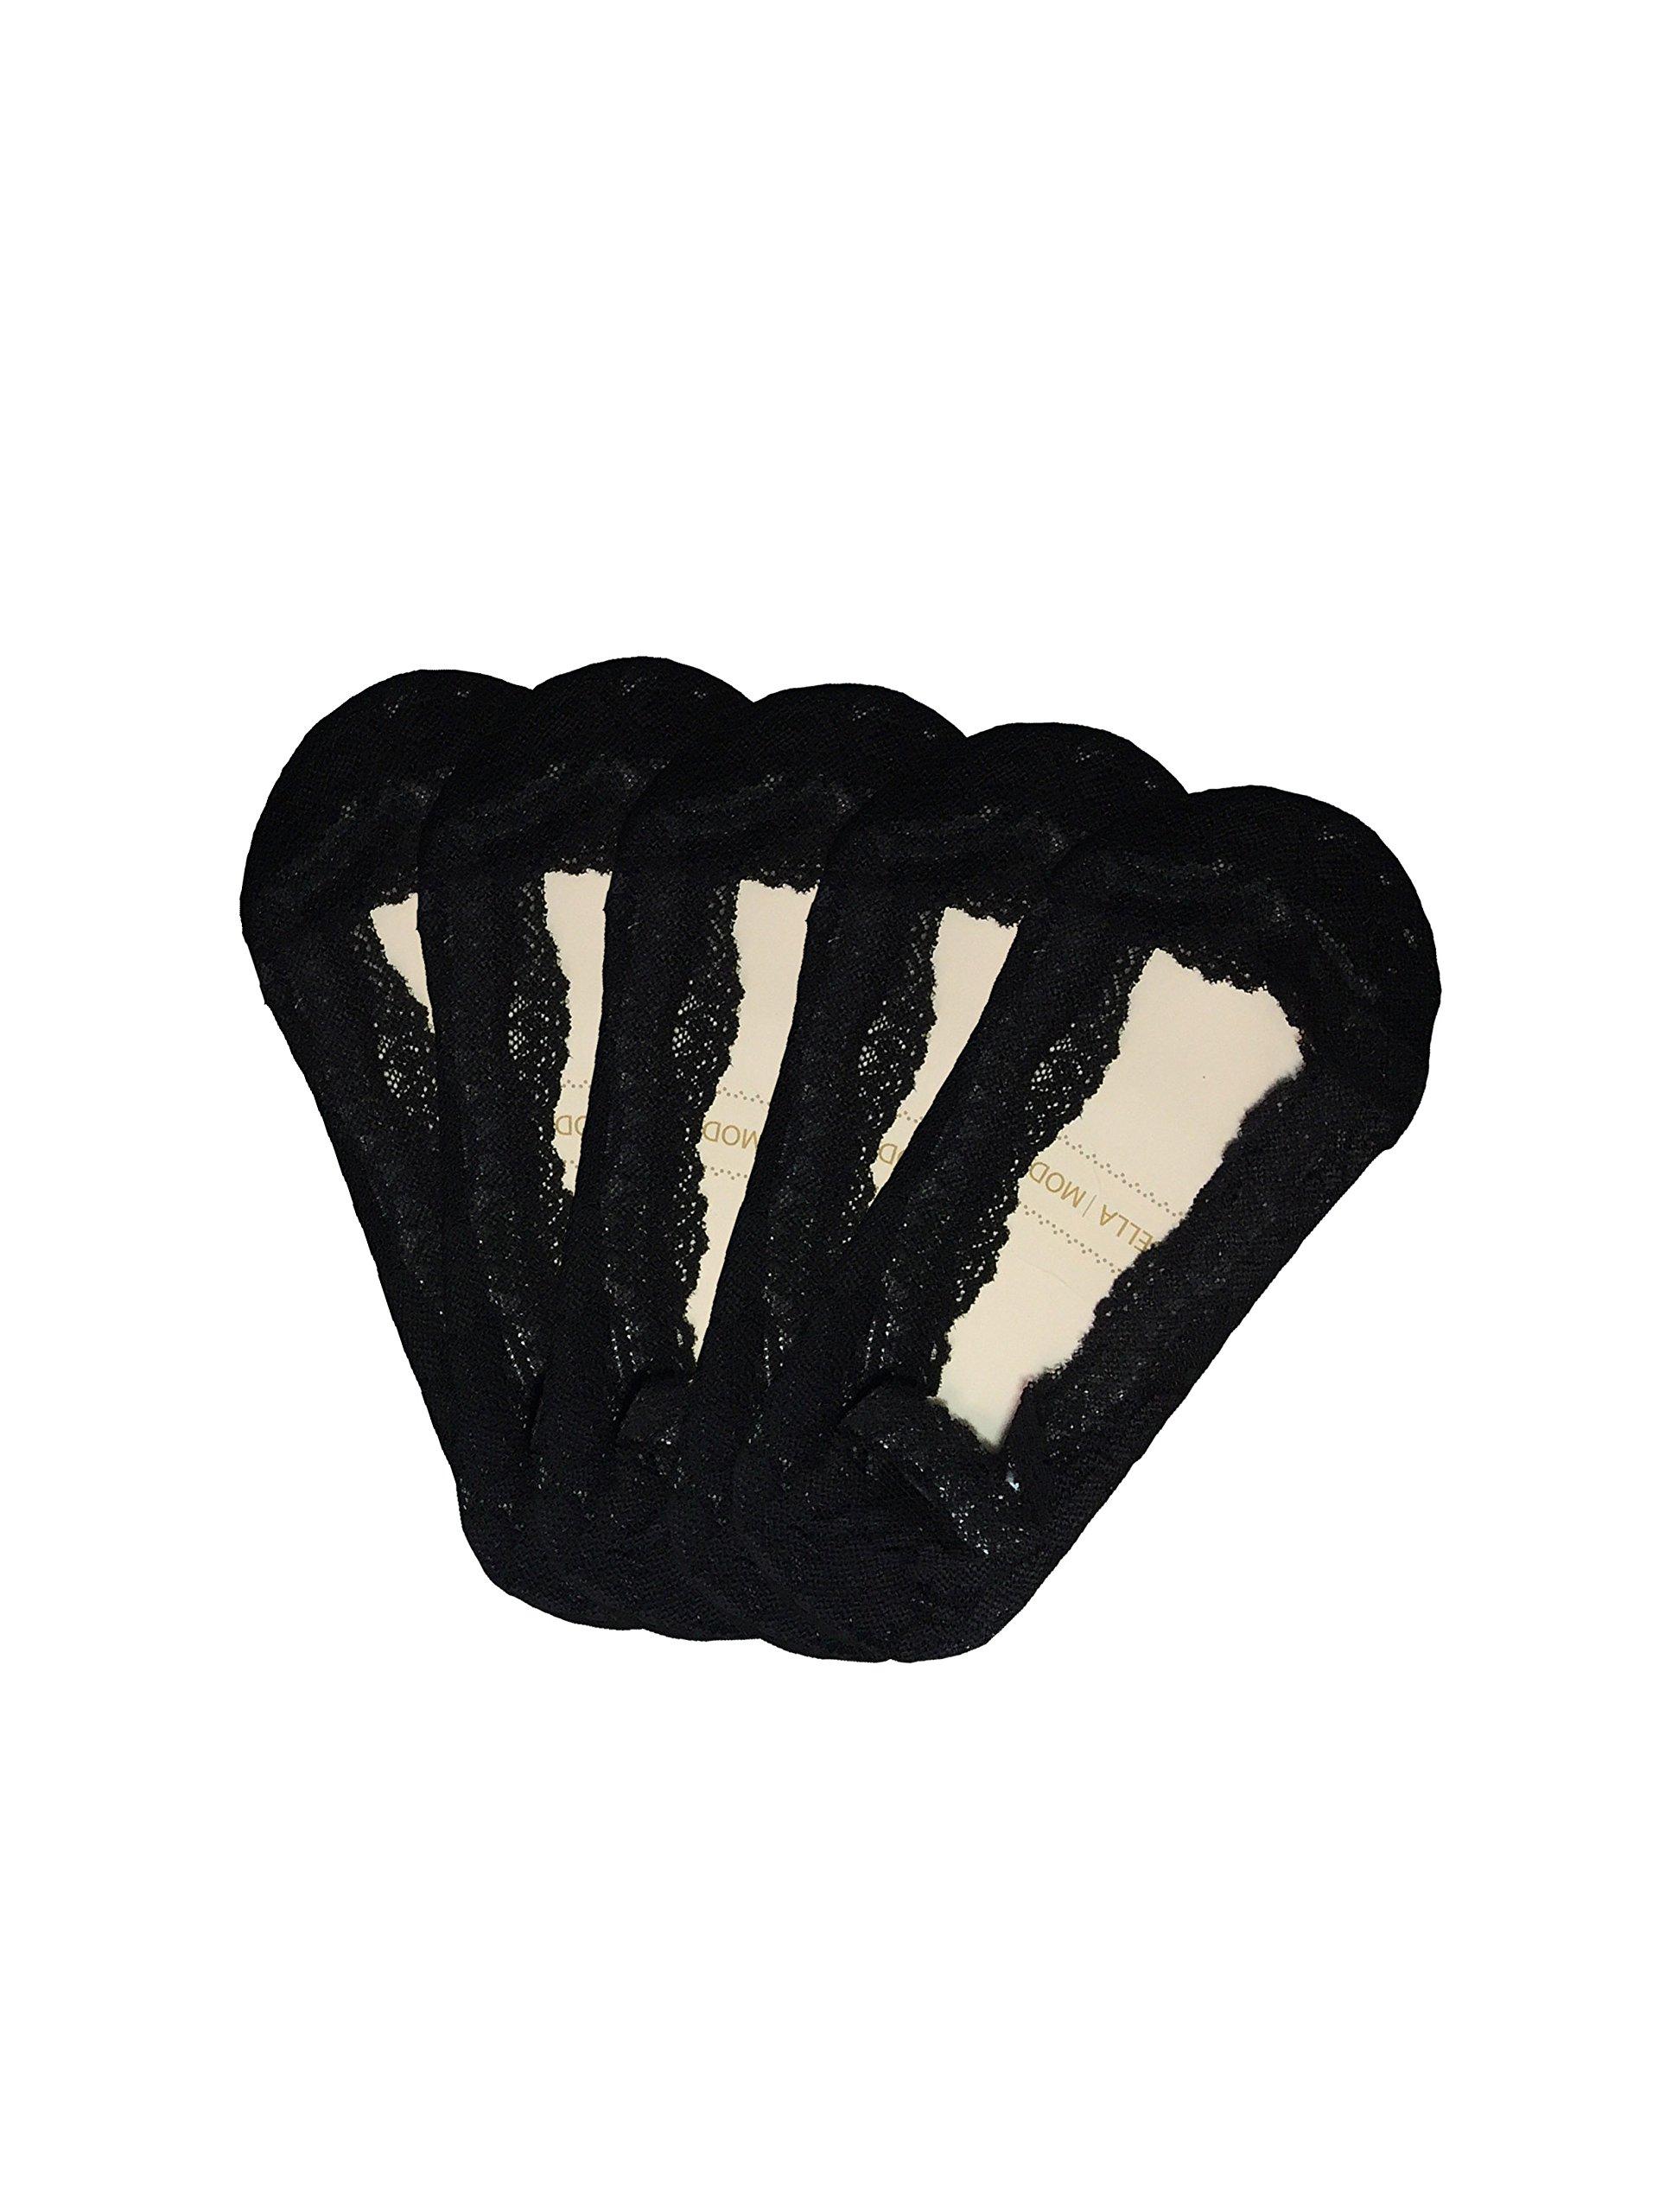 Bella Moda Women's Lace Casual No Show Non-skid Boat Socks Set of 5 (Black)